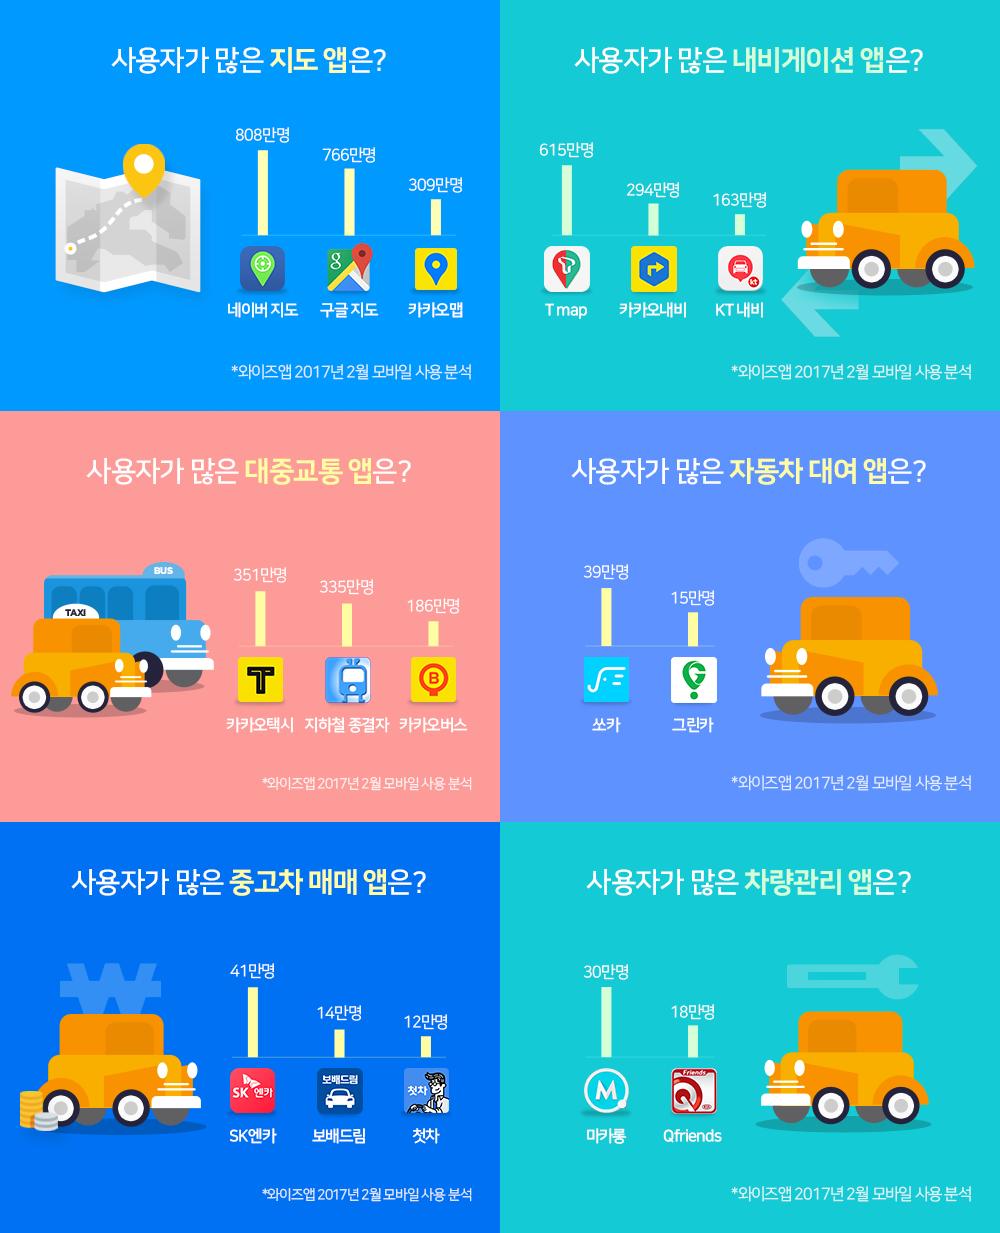 네이버, SK, 카카오의 스마트폰 교통 대전